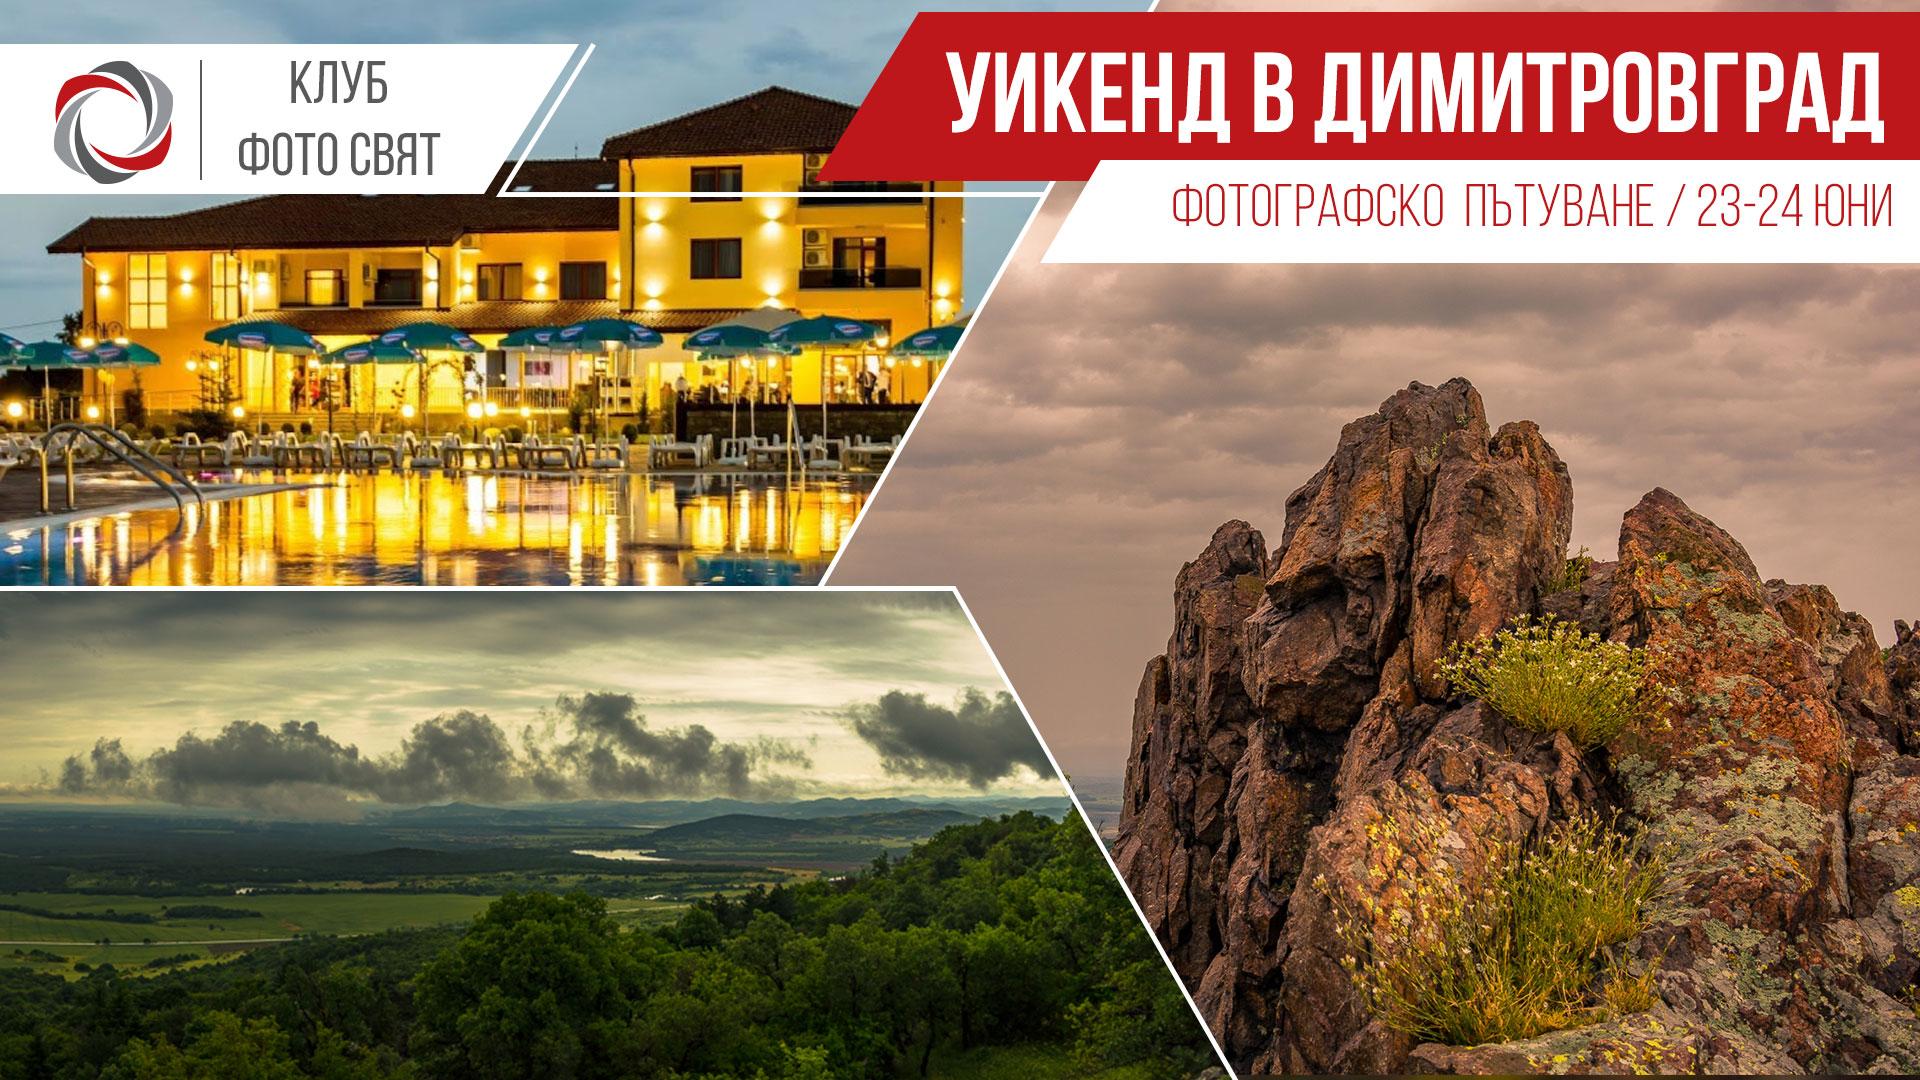 Фотографско пътуване: Уикенд в Димитровград